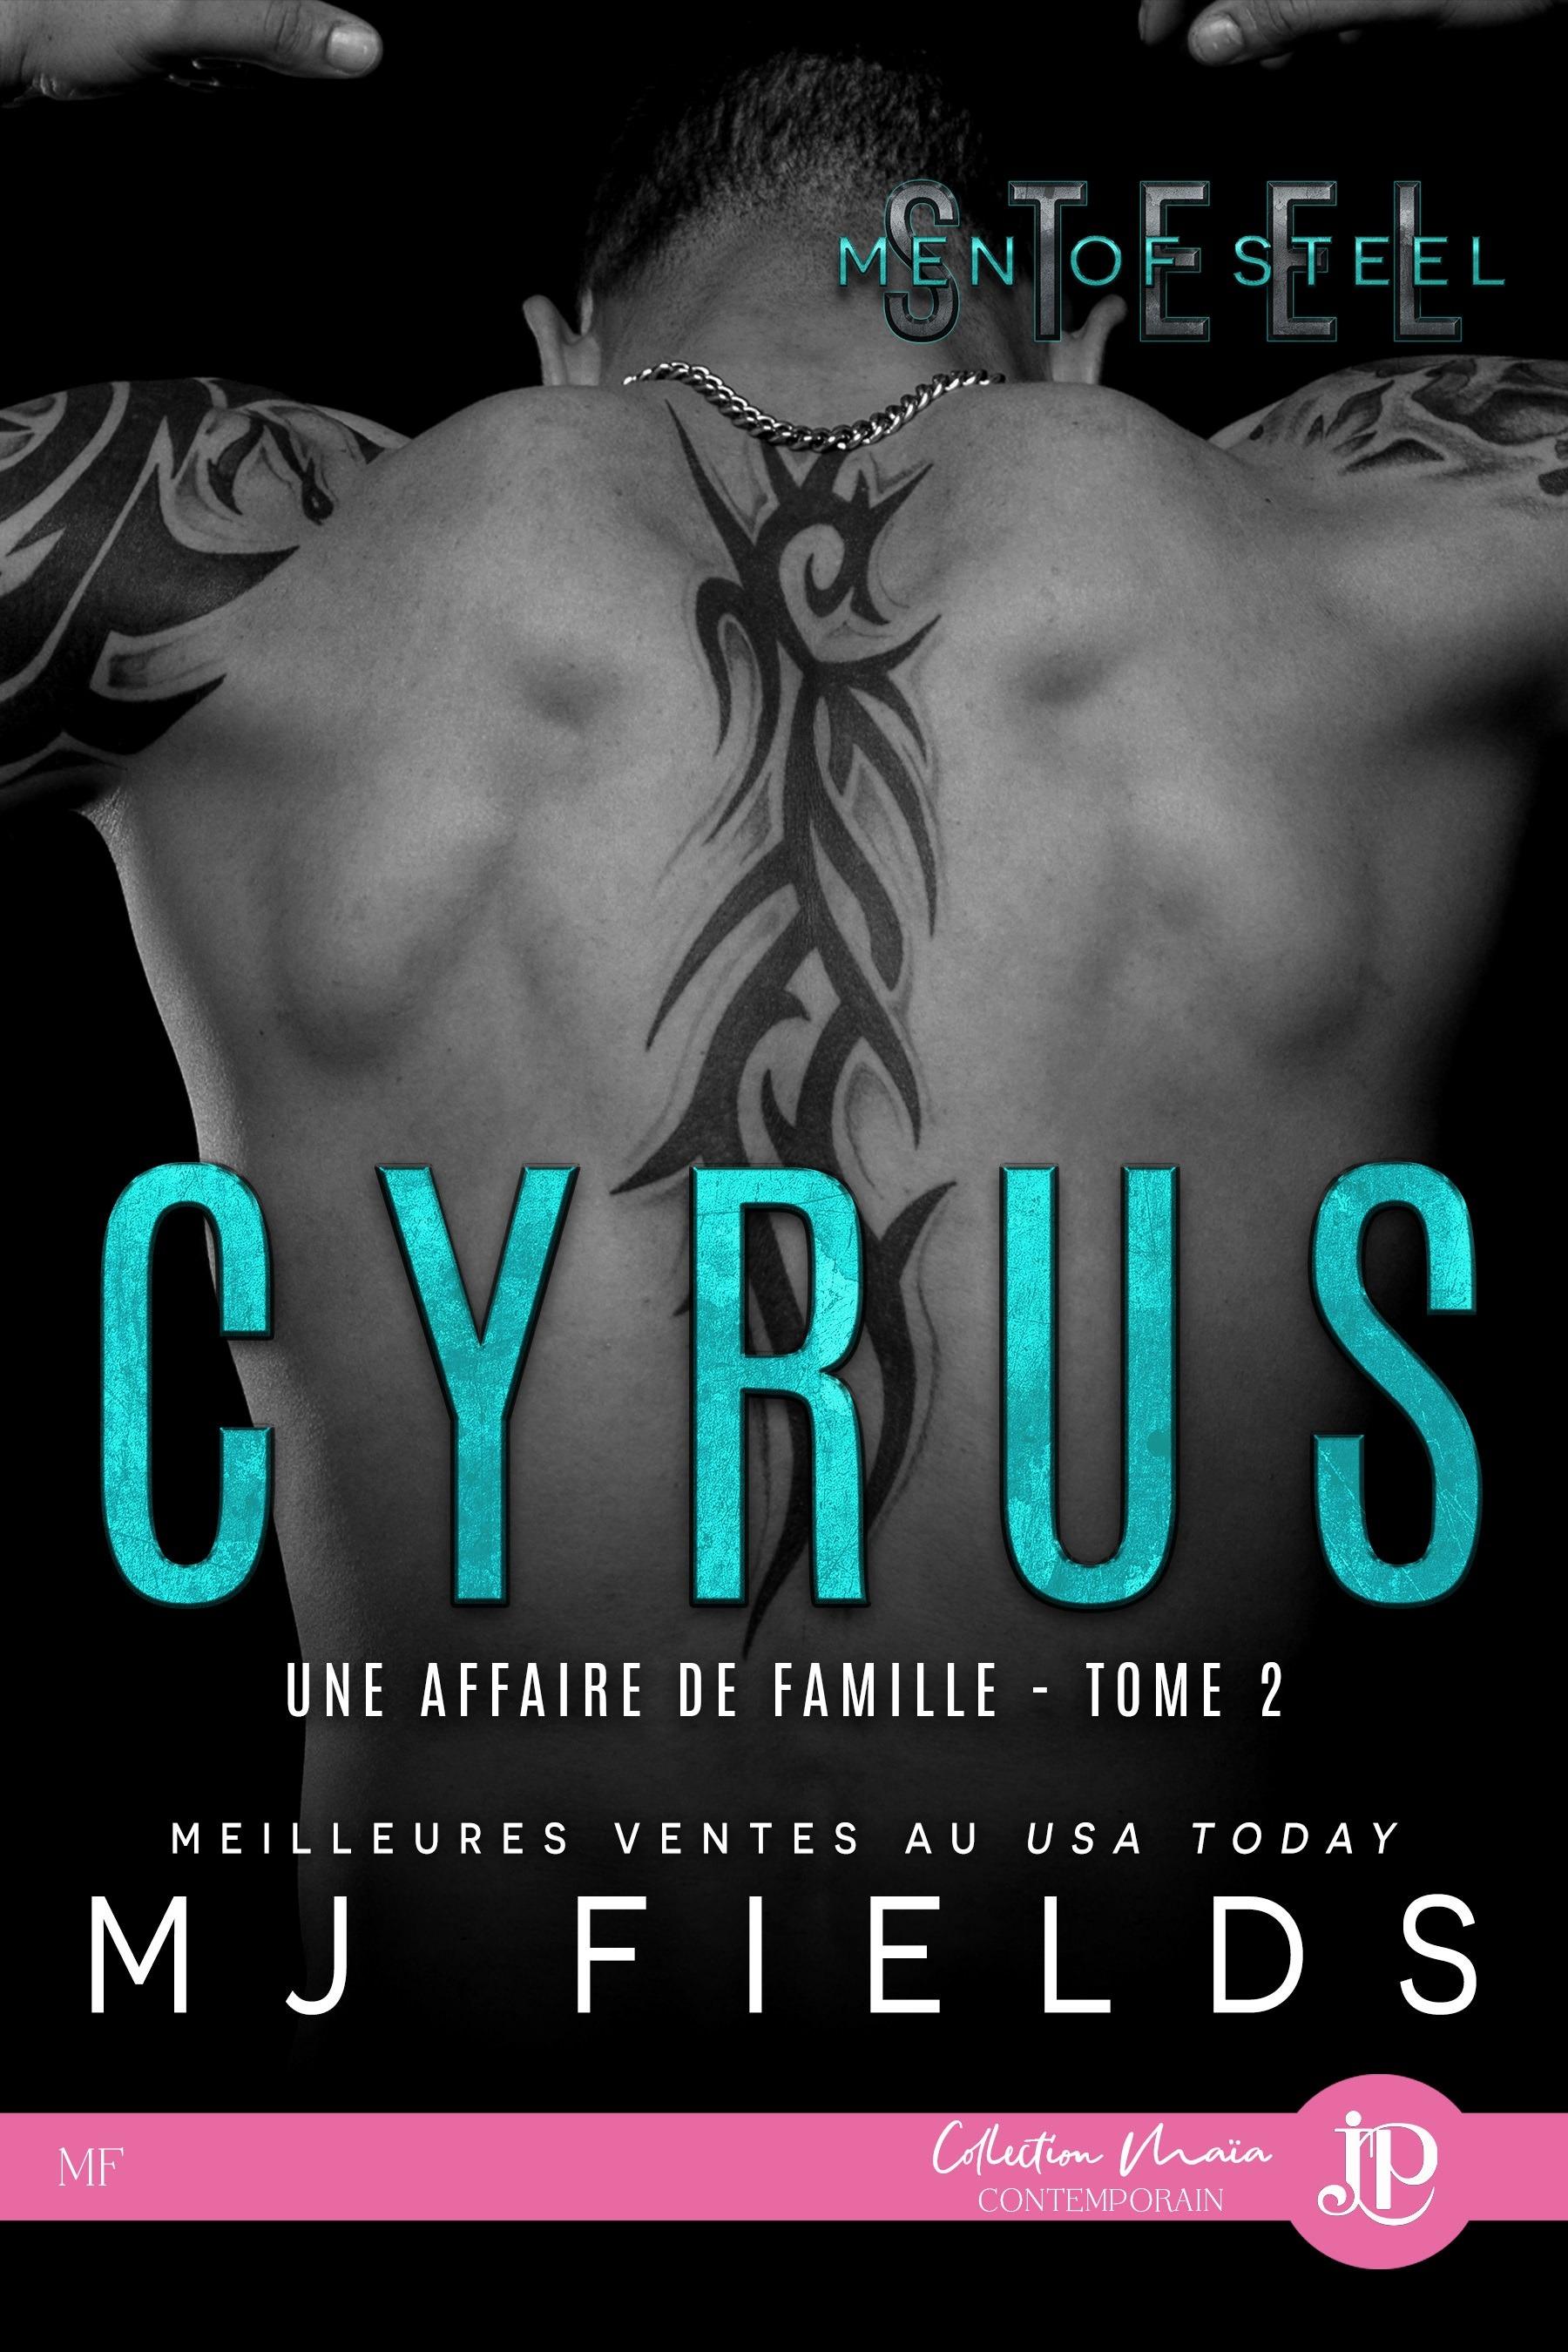 Cyrus, UNE AFFAIRE DE FAMILLE #2